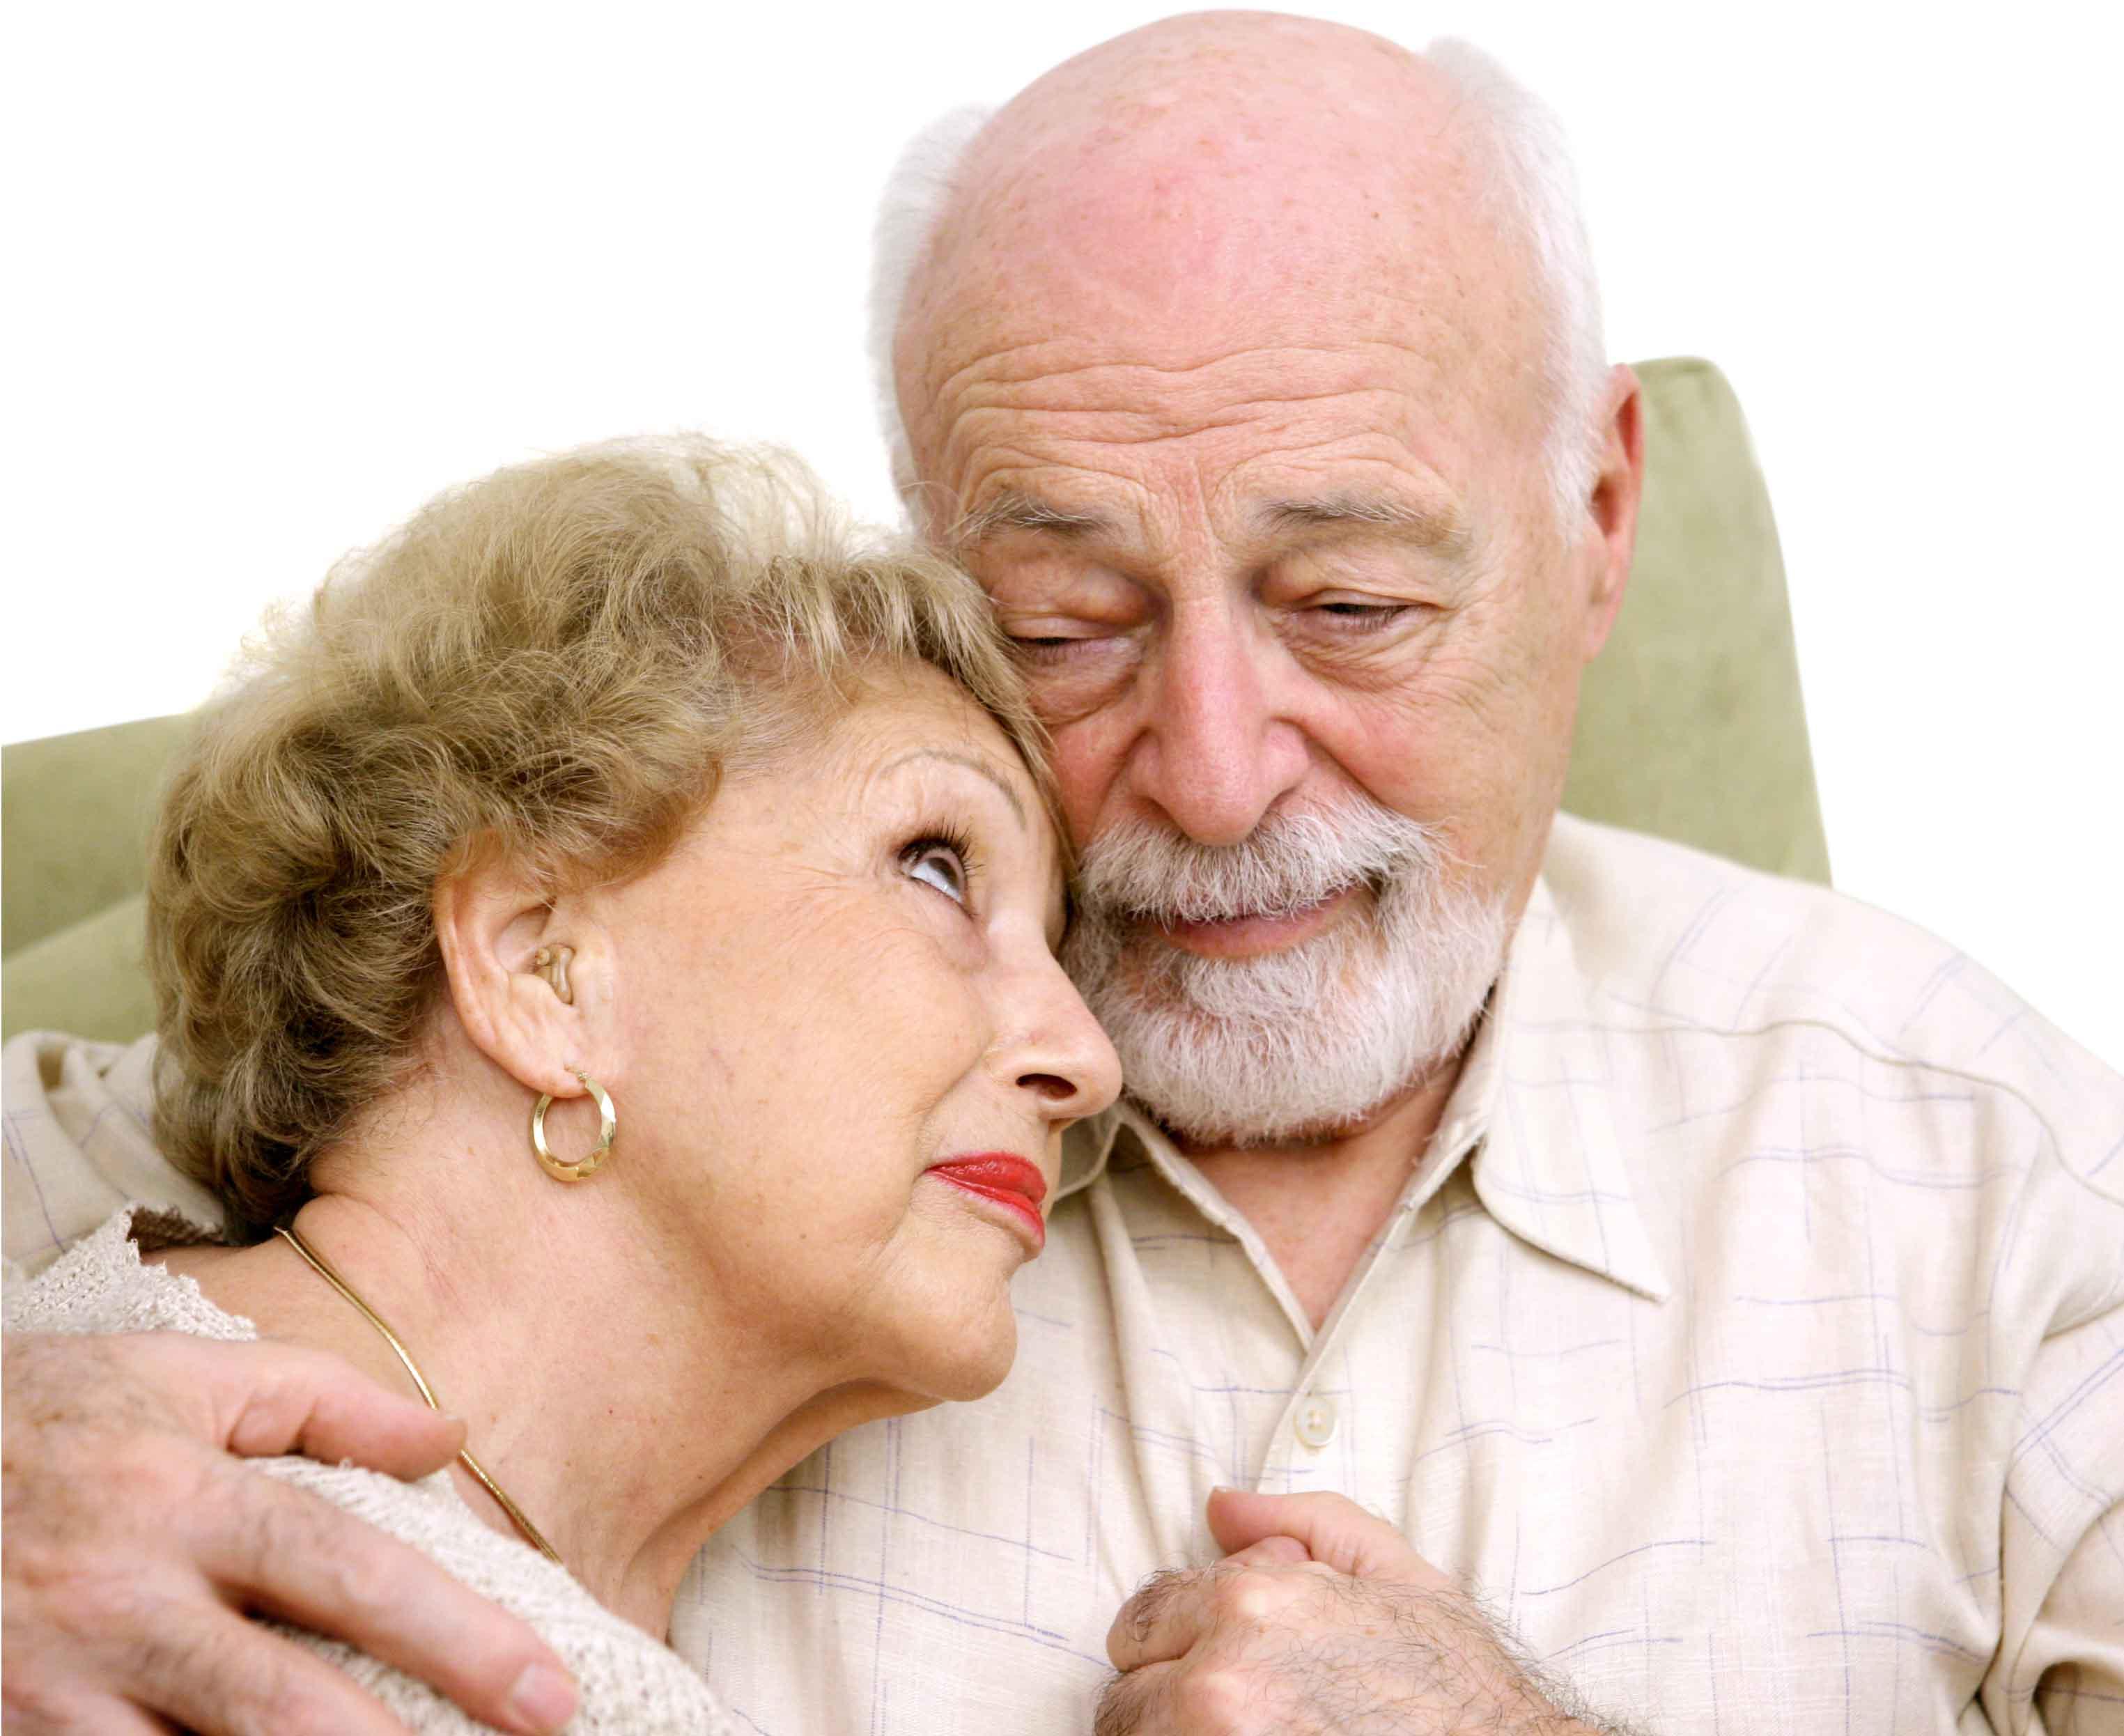 Déremboursement des traitements Alzheimer